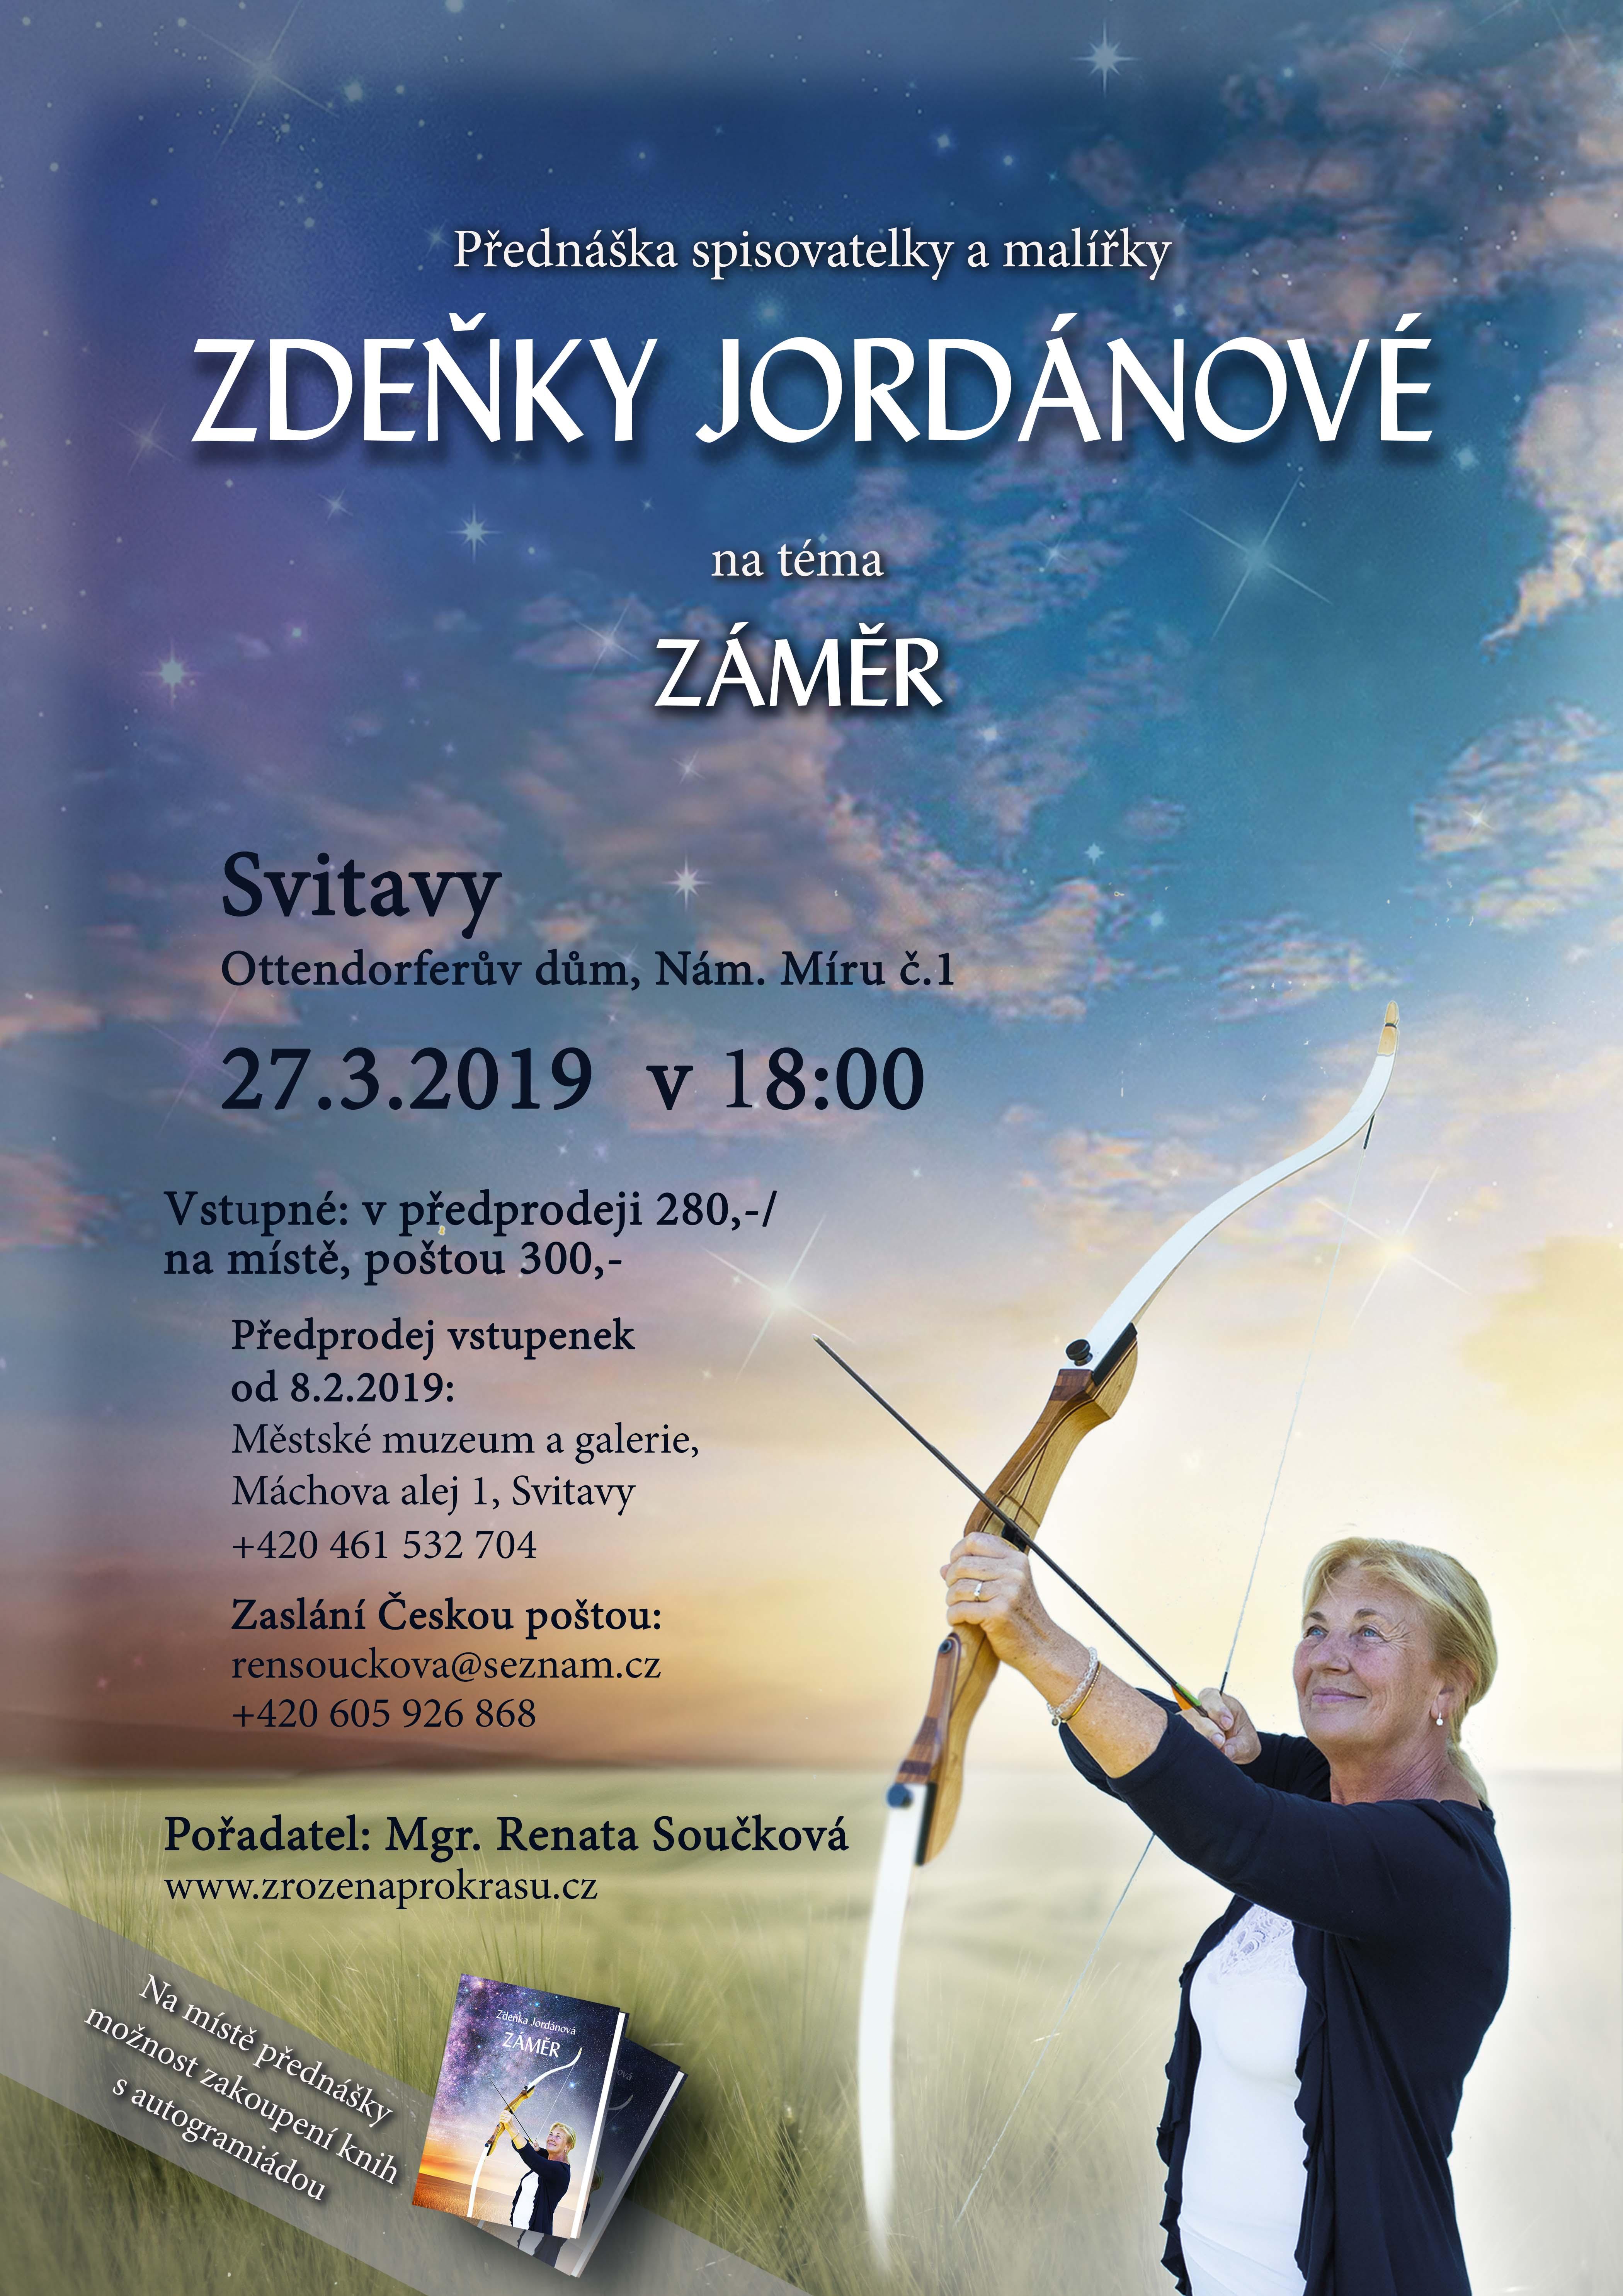 !POZOR, ZMĚNA TERMÍNU!Přednáška Zdeňky Jordánové, 29.3.201, Svitavy!